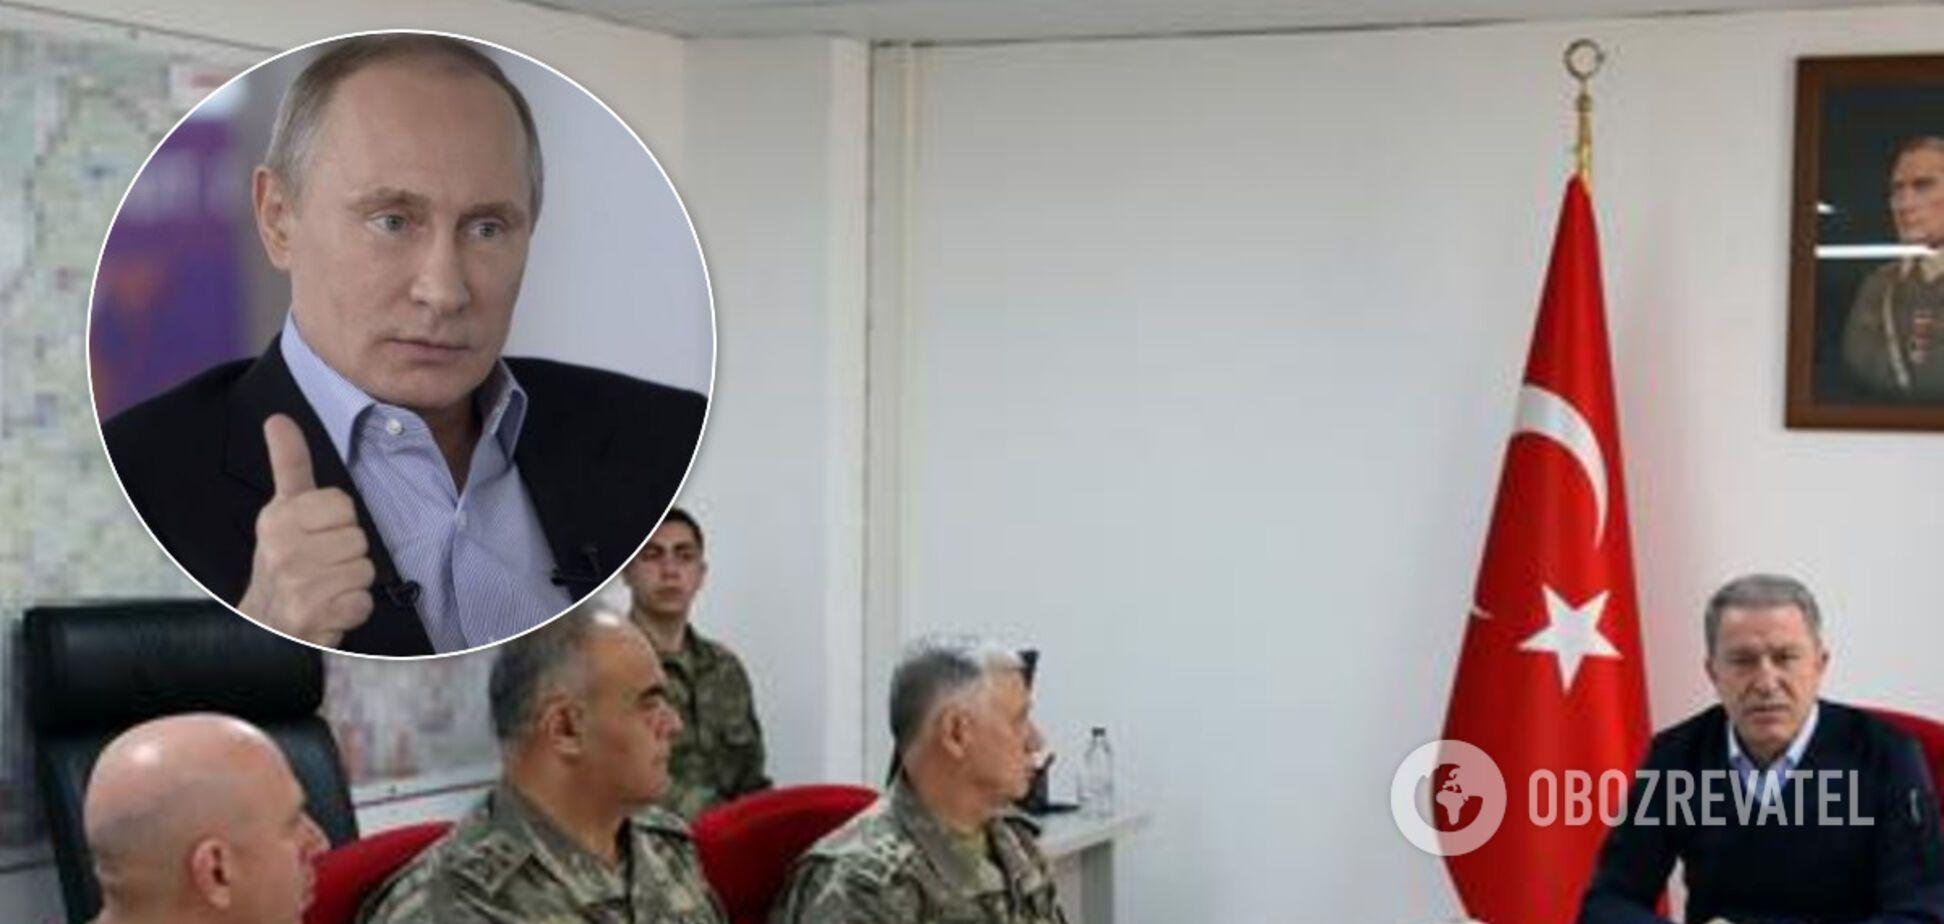 Туреччина оголосила операцію 'Весняний щит' у Сирії і підморгнула Путіну